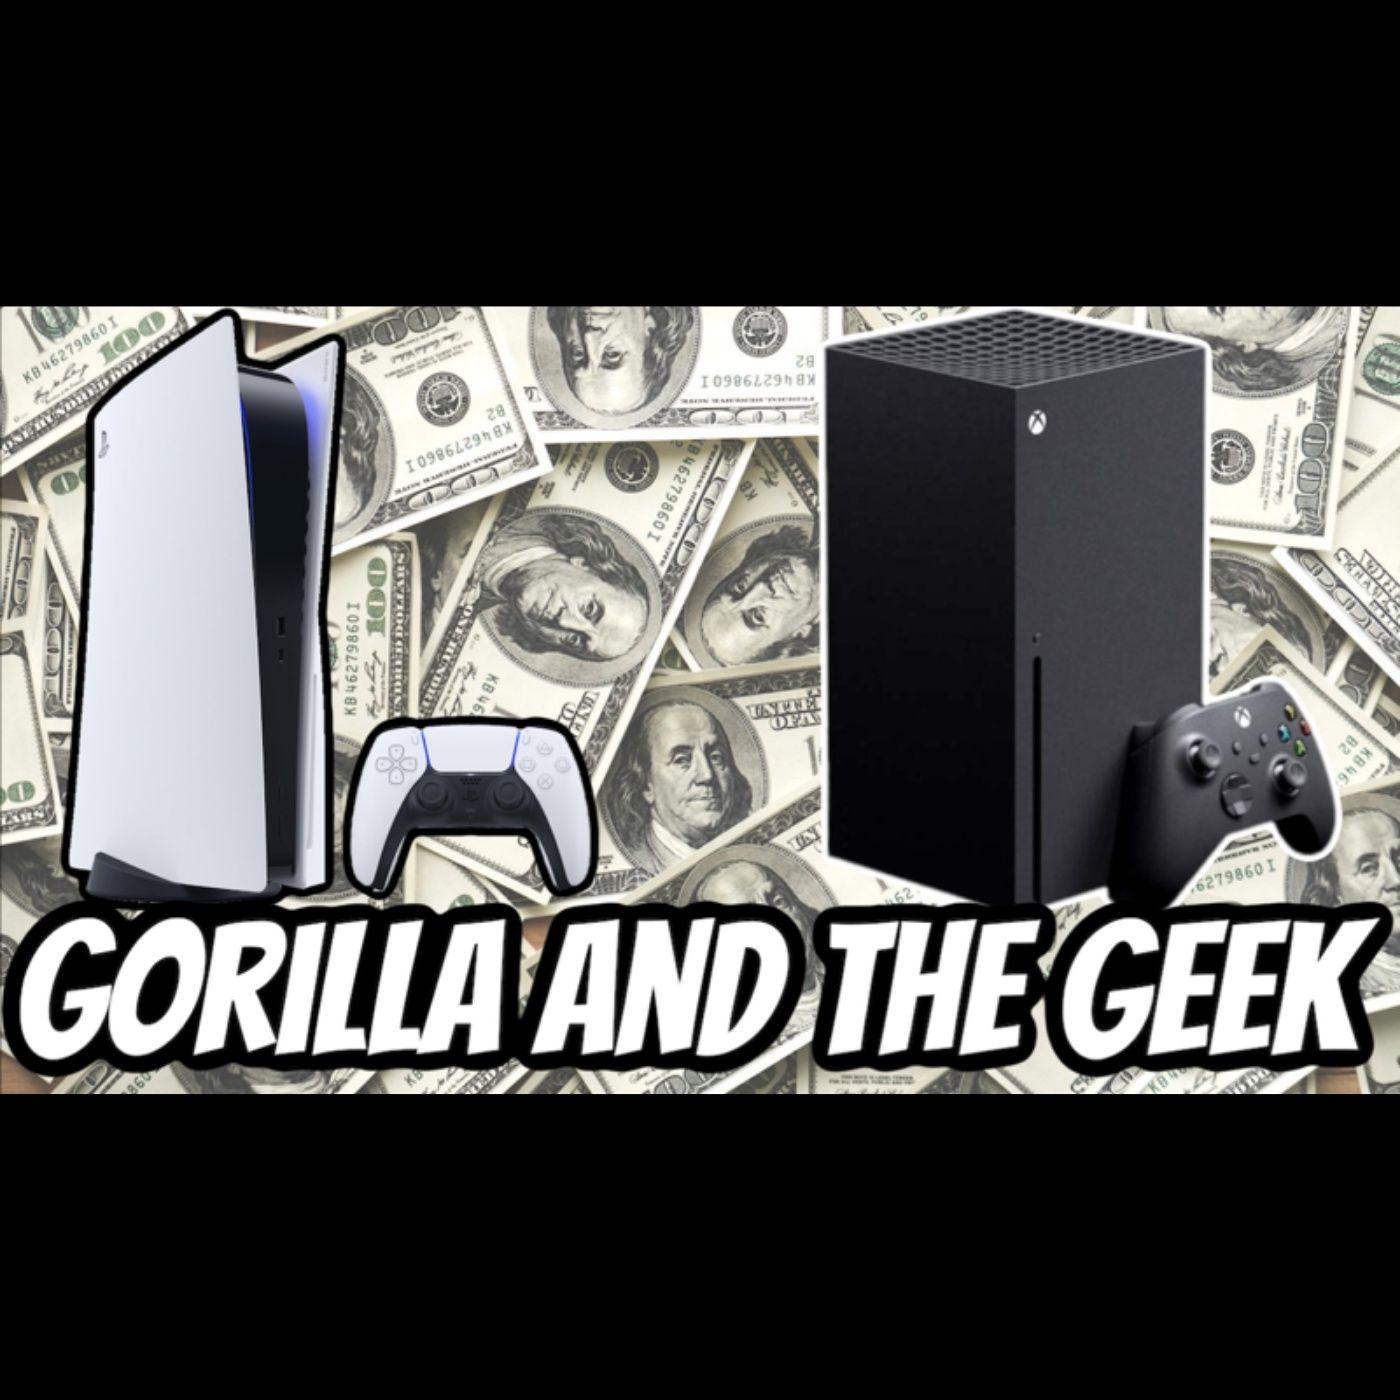 Next Gen Console Wars - Gorilla and The Geek Episode 28